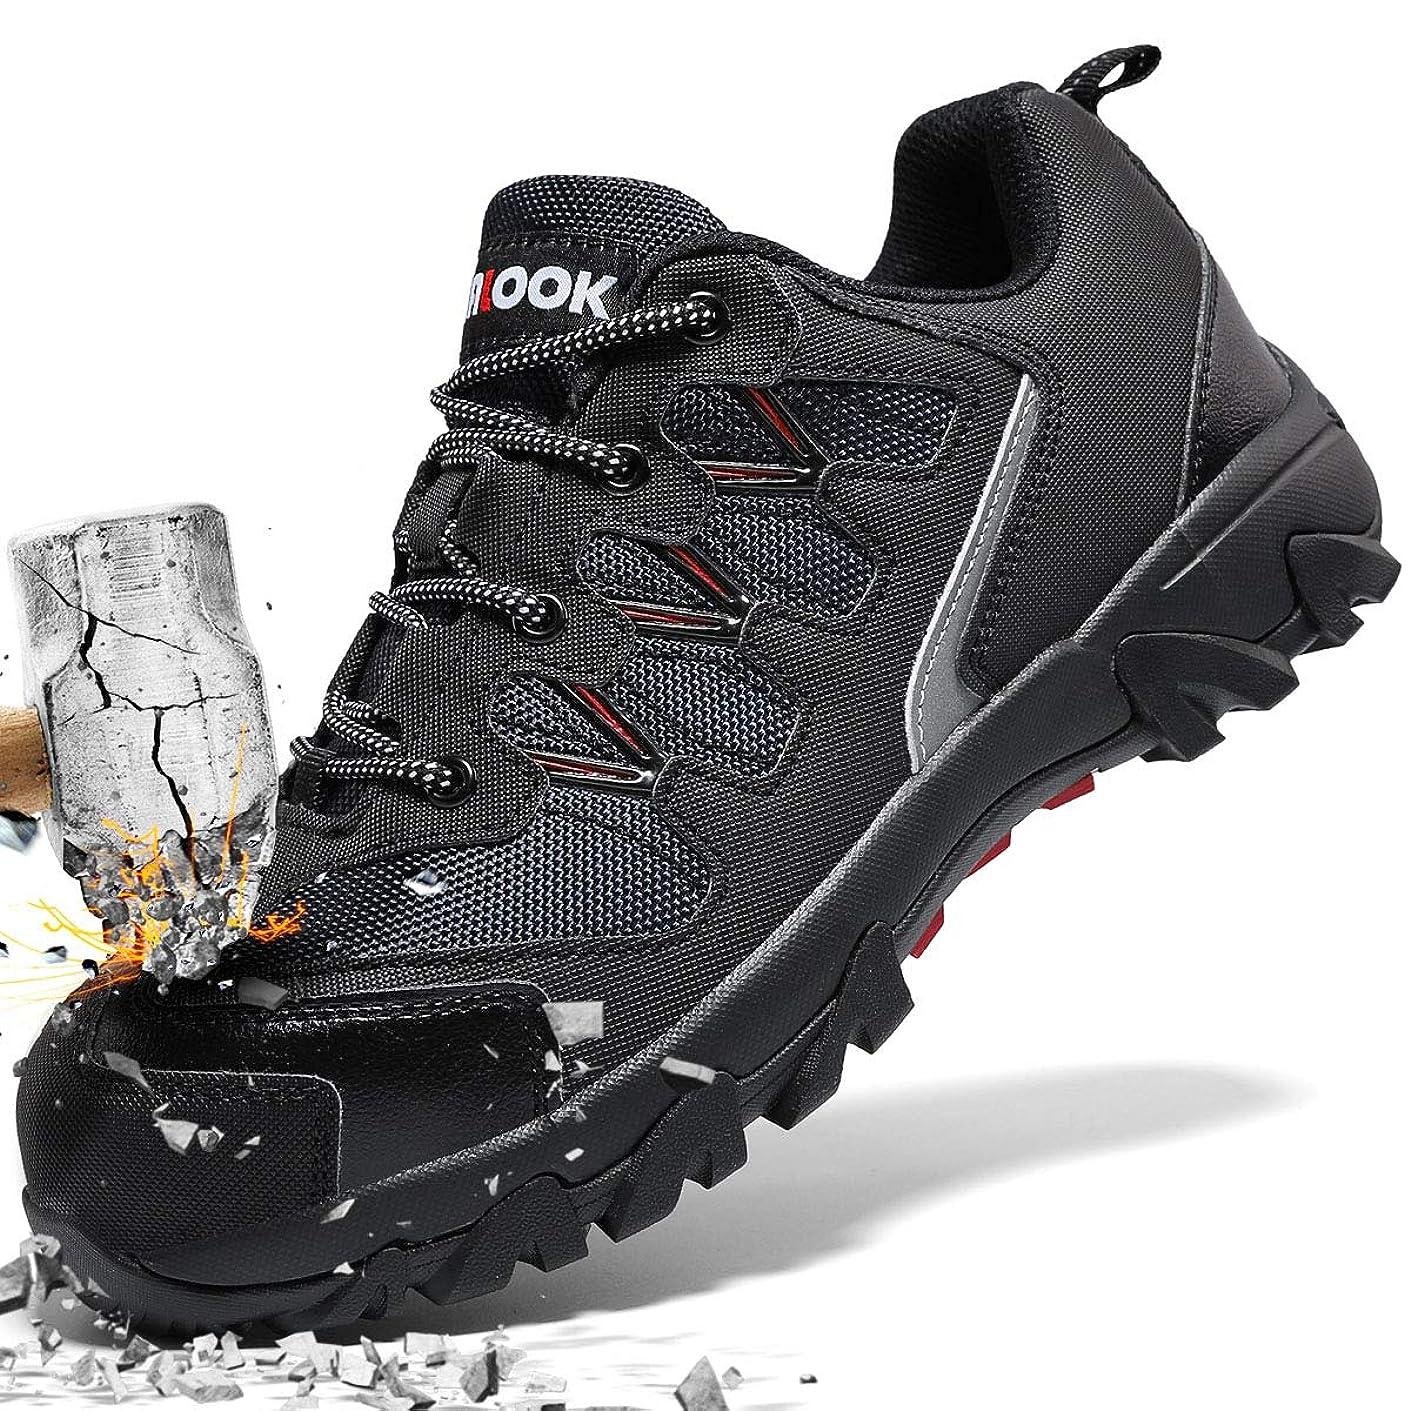 常習者偽急ぐ安全靴 メンズ 作業靴 レディース ローカット 耐油 防水 ワーキングシューズ 通気性 防臭 安全スニーカー 鋼製先芯 ワークマン 靴 快適性 耐久性 3E 大きいサイズ